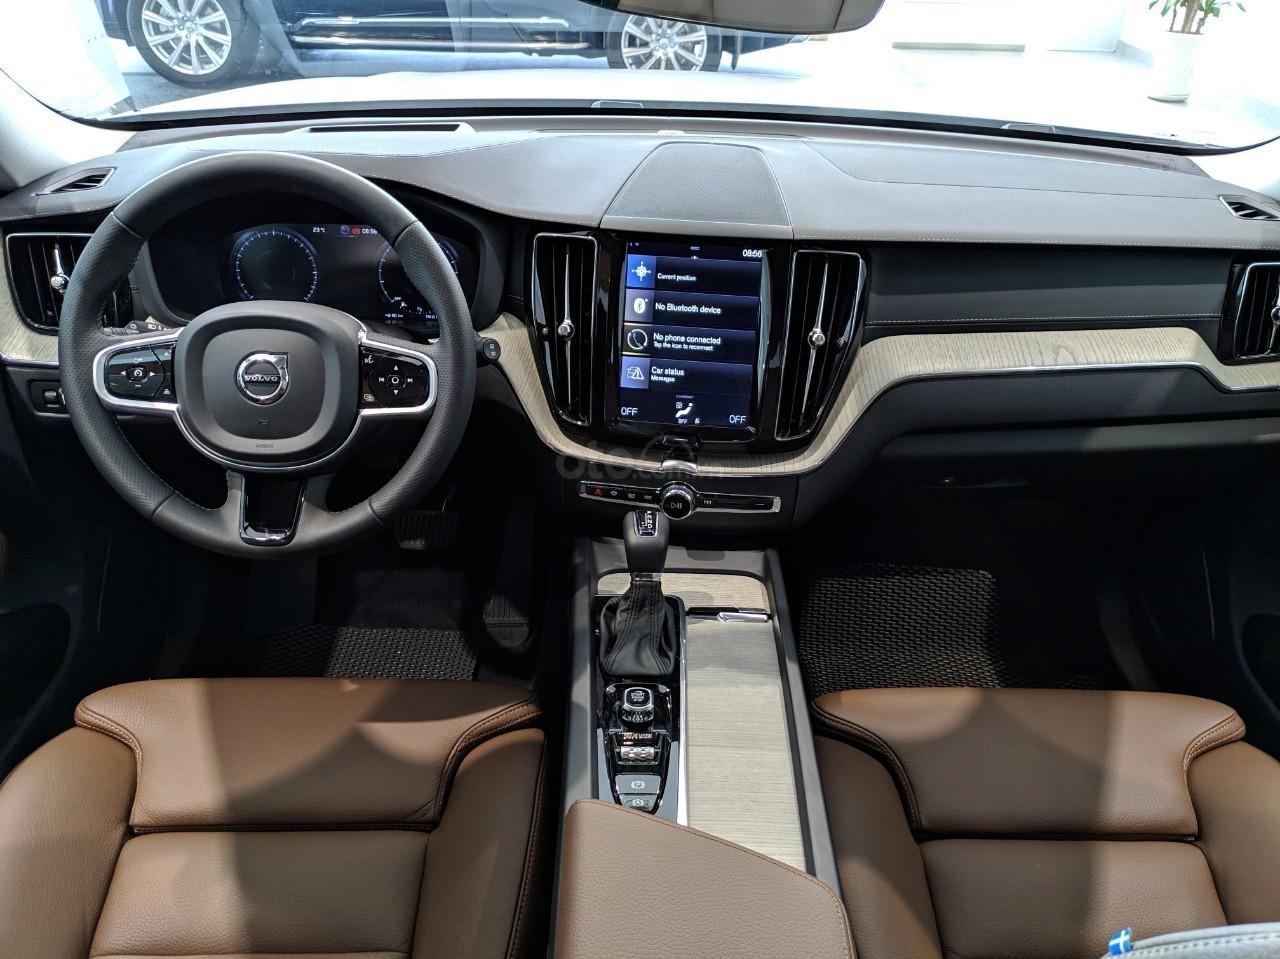 Bán xe Volvo XC60 nhập khẩu chính hãng, full option  (5)